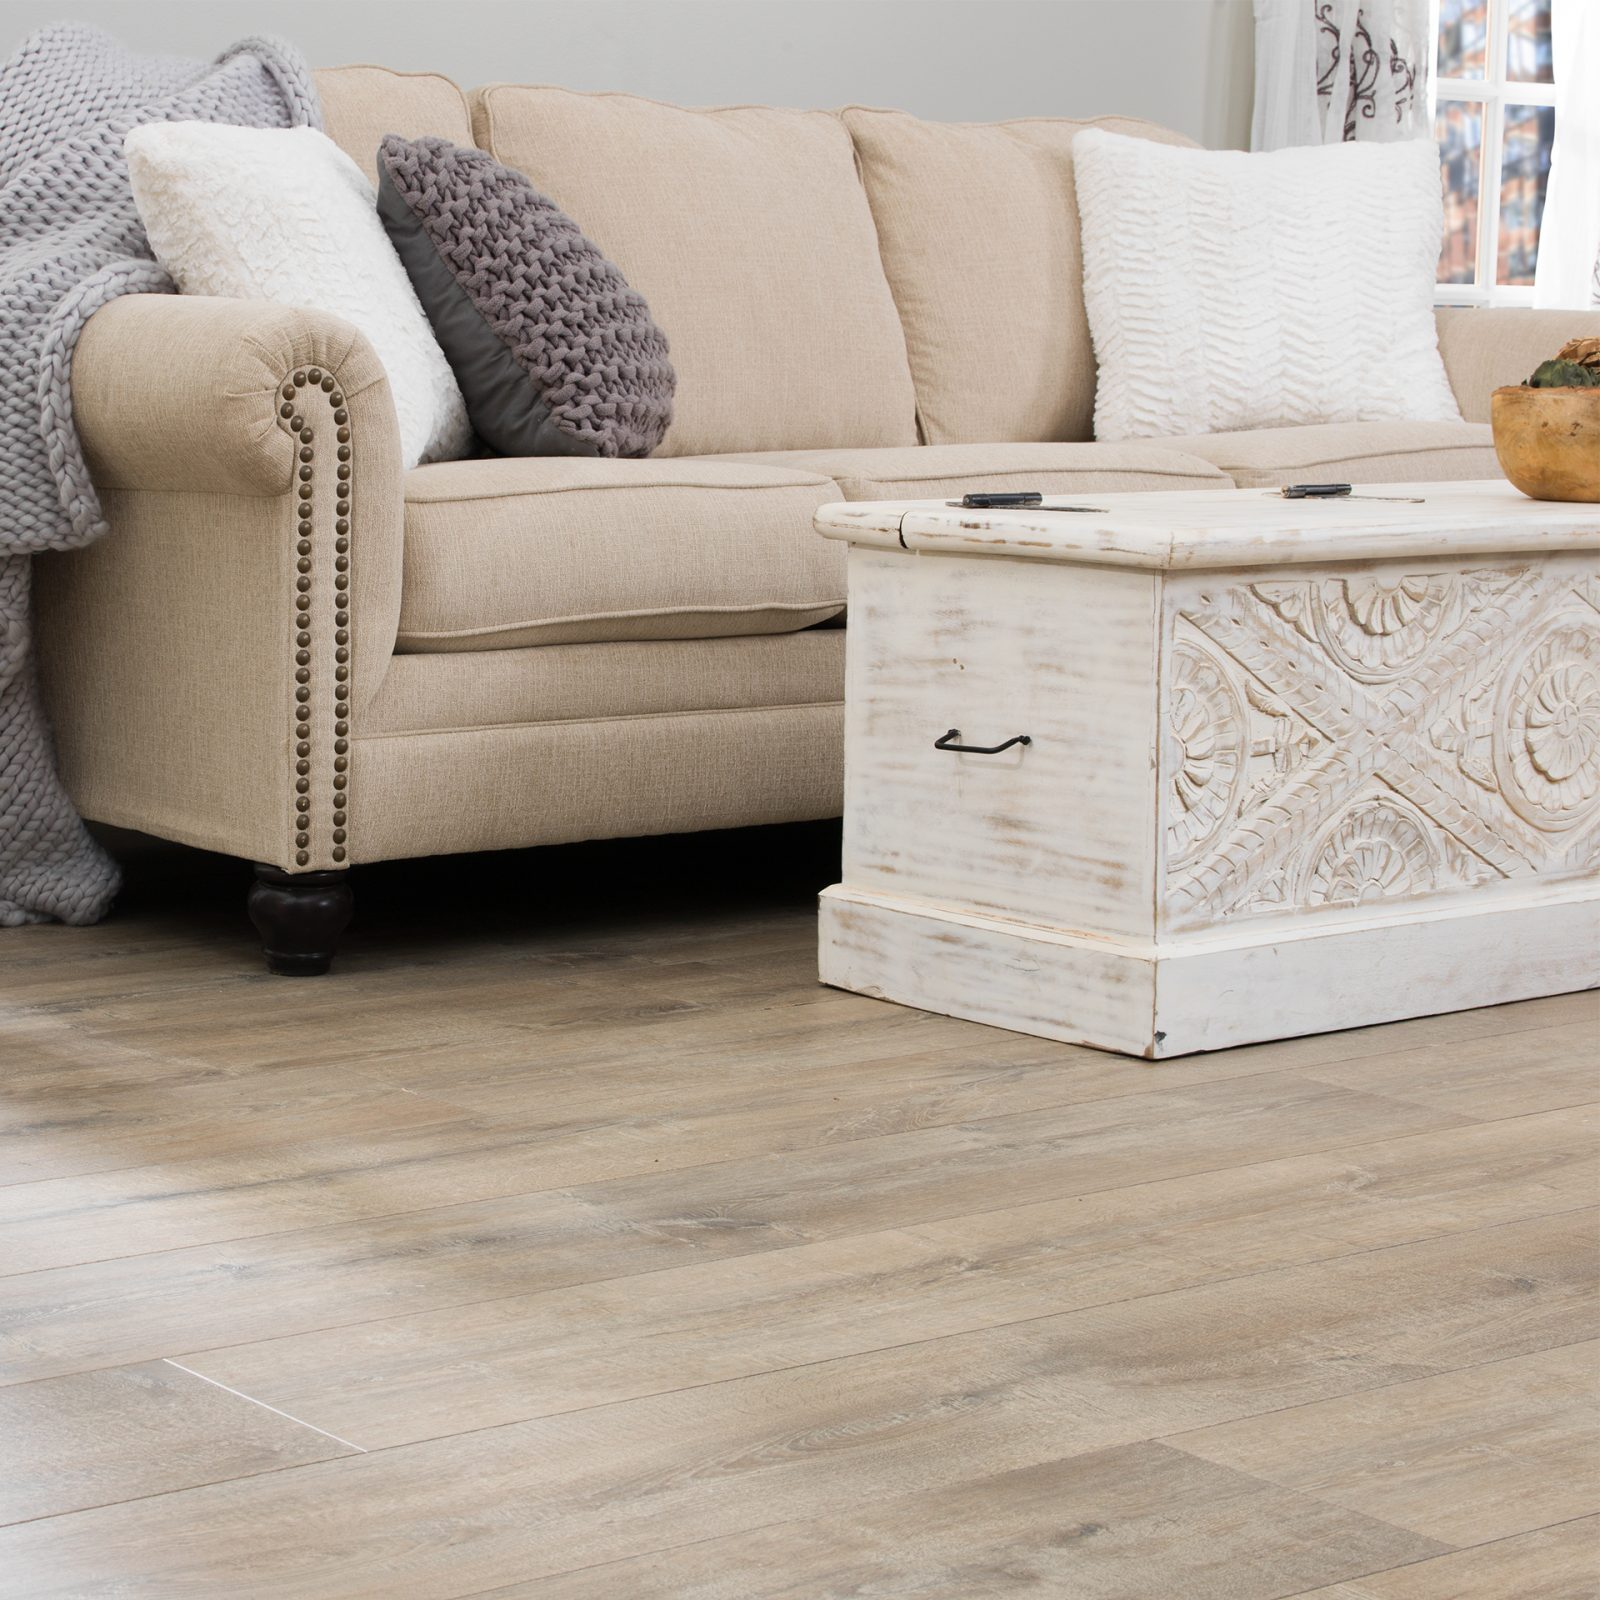 Living room laminate flooring | Speers Road Broadloom